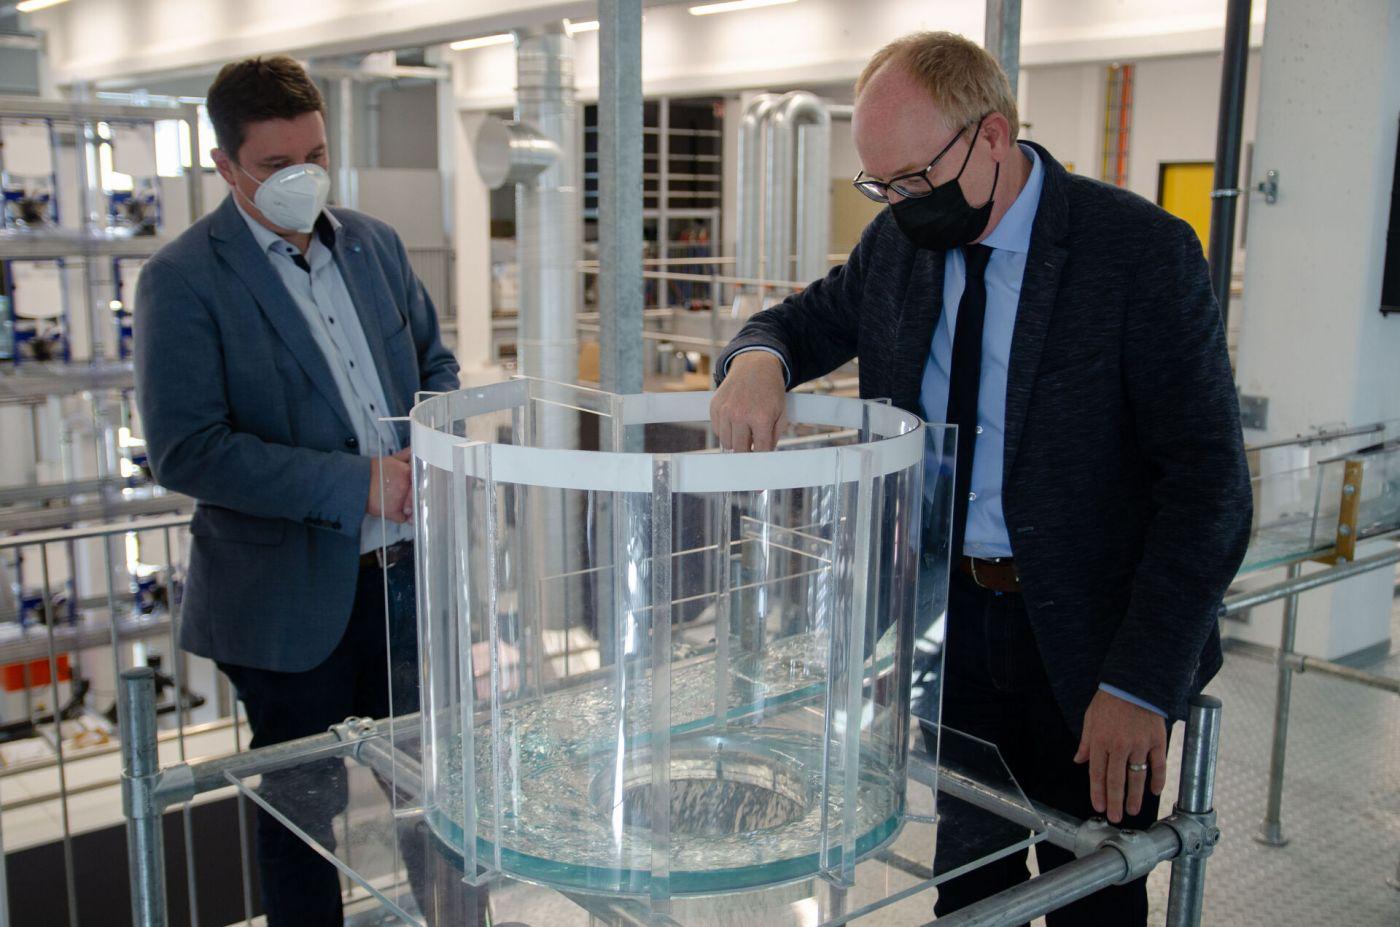 Zwei Männer stehen in einem Labor und schauen in einen Schacht mit Wasser. (Foto: FH Münster/Frederik Tebbe)